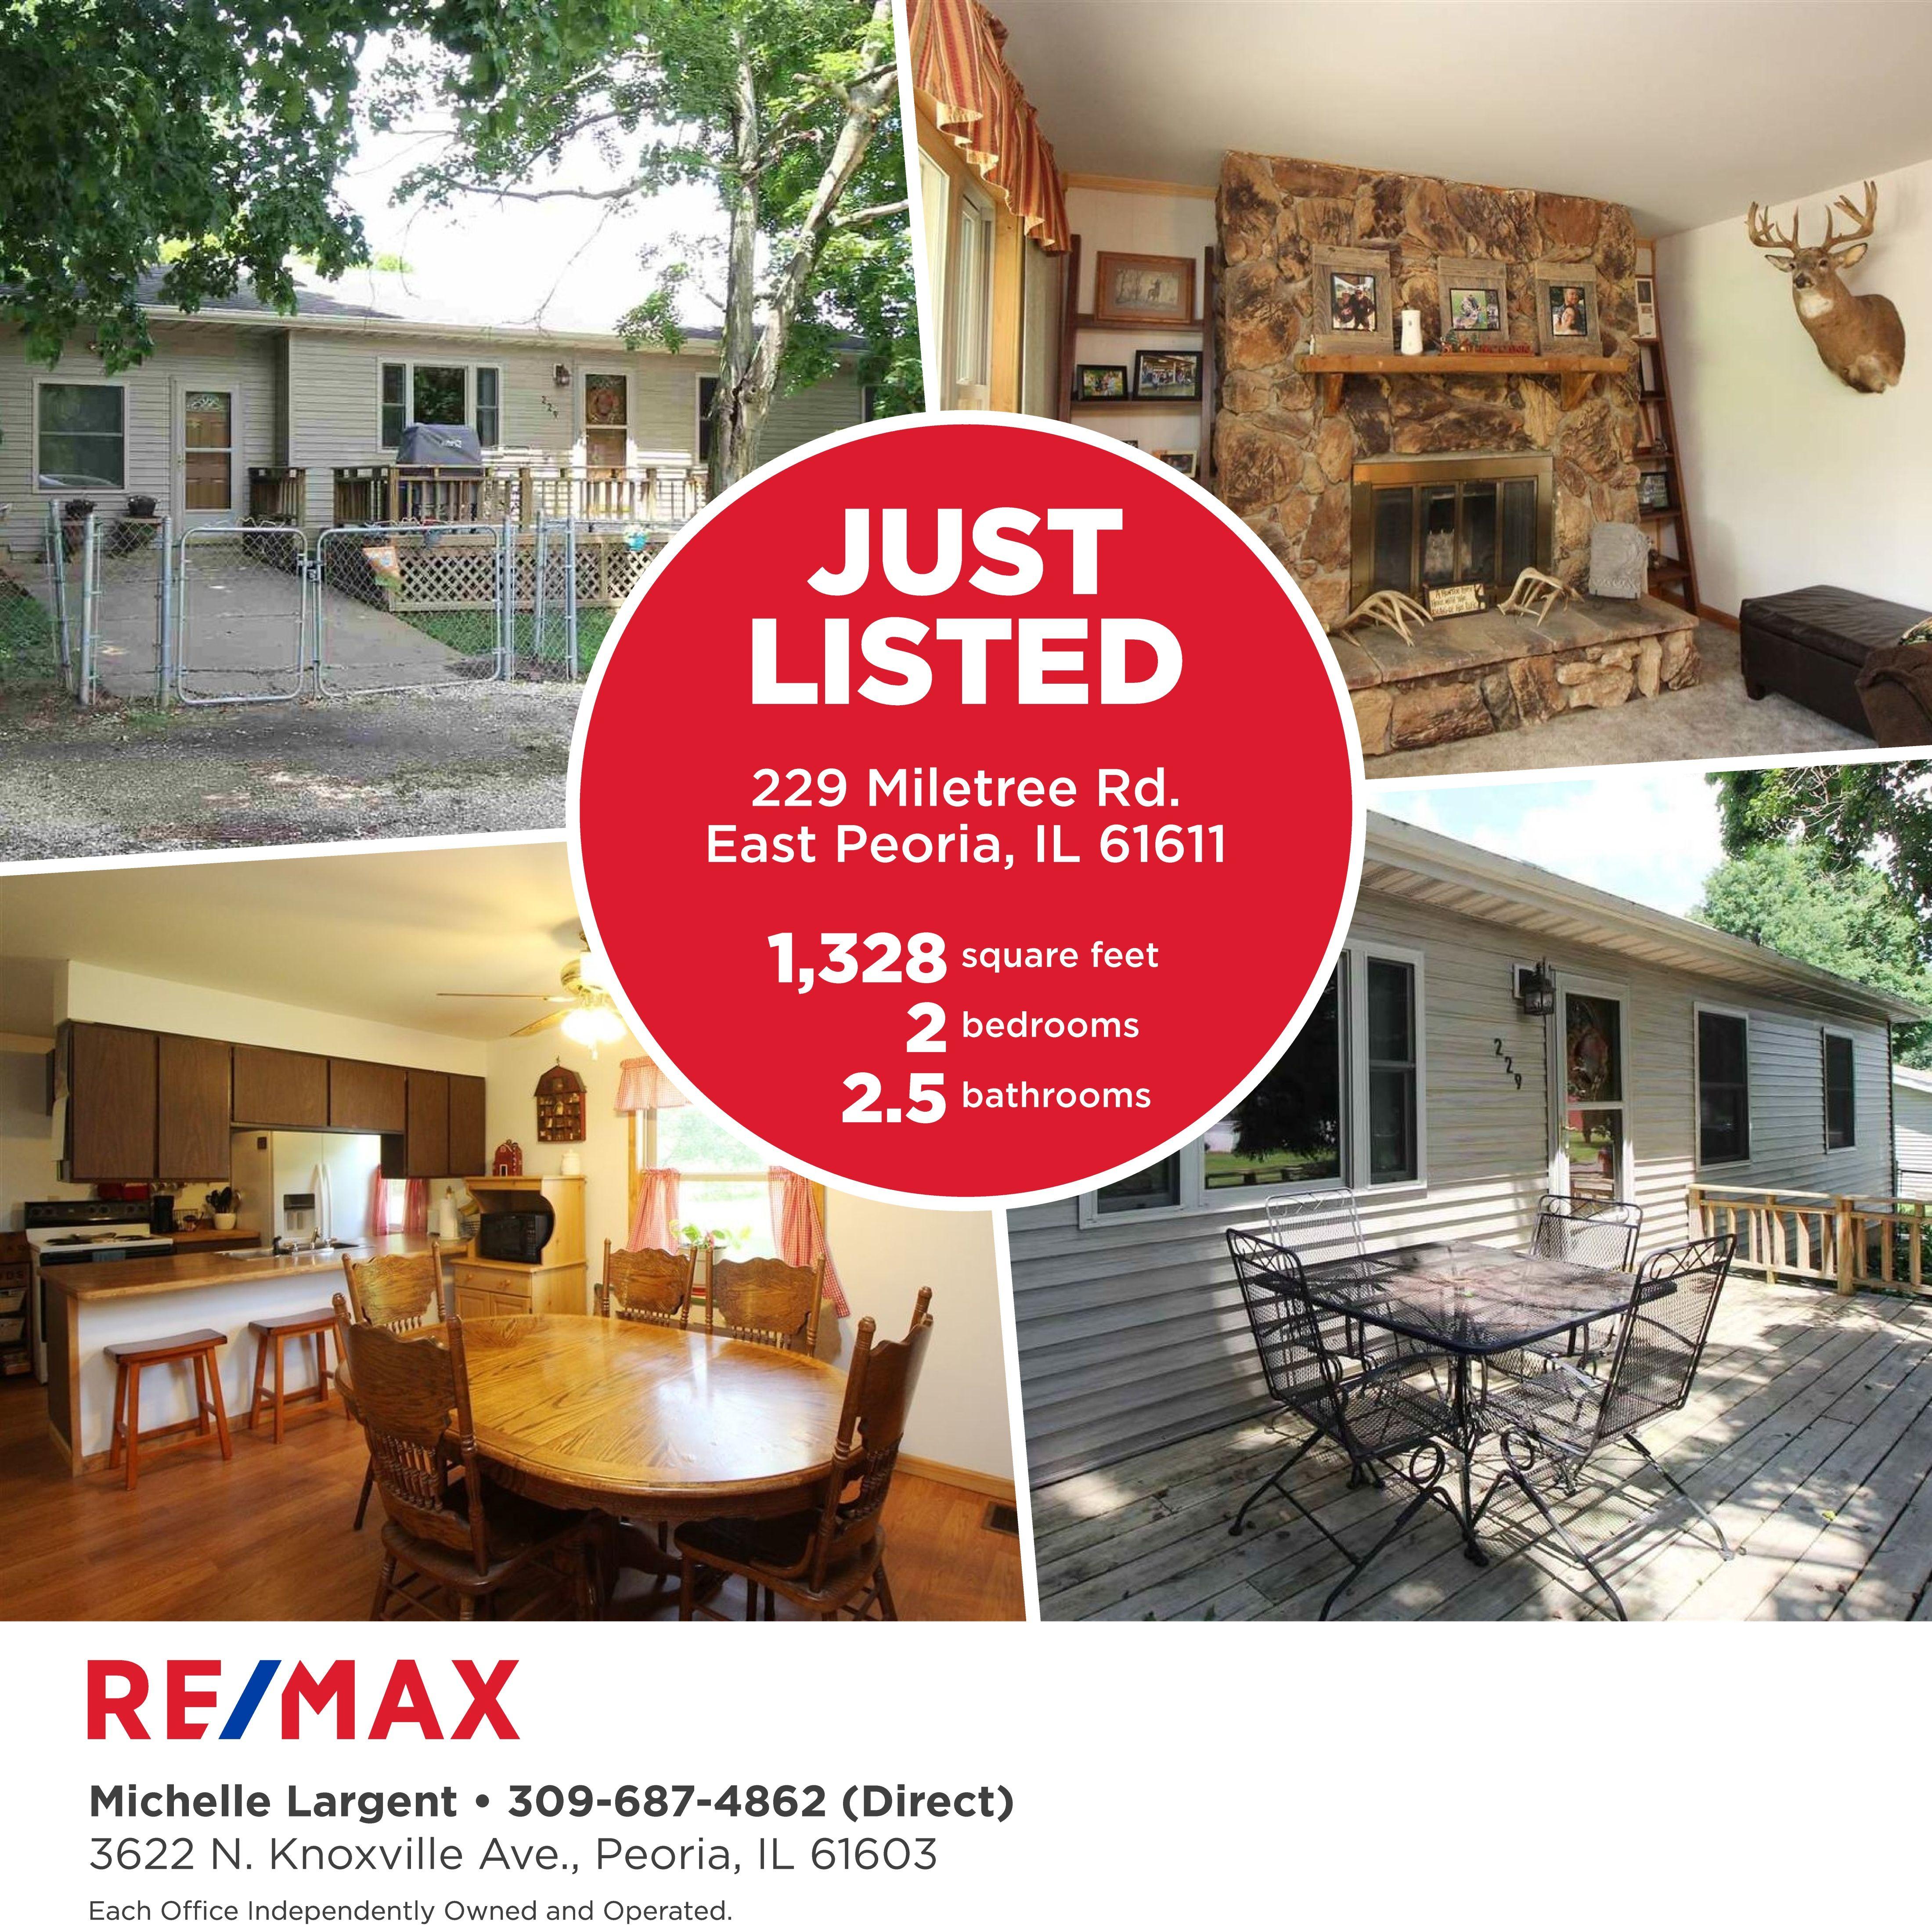 $102,500 229 Miletree Rd., East Peoria, IL